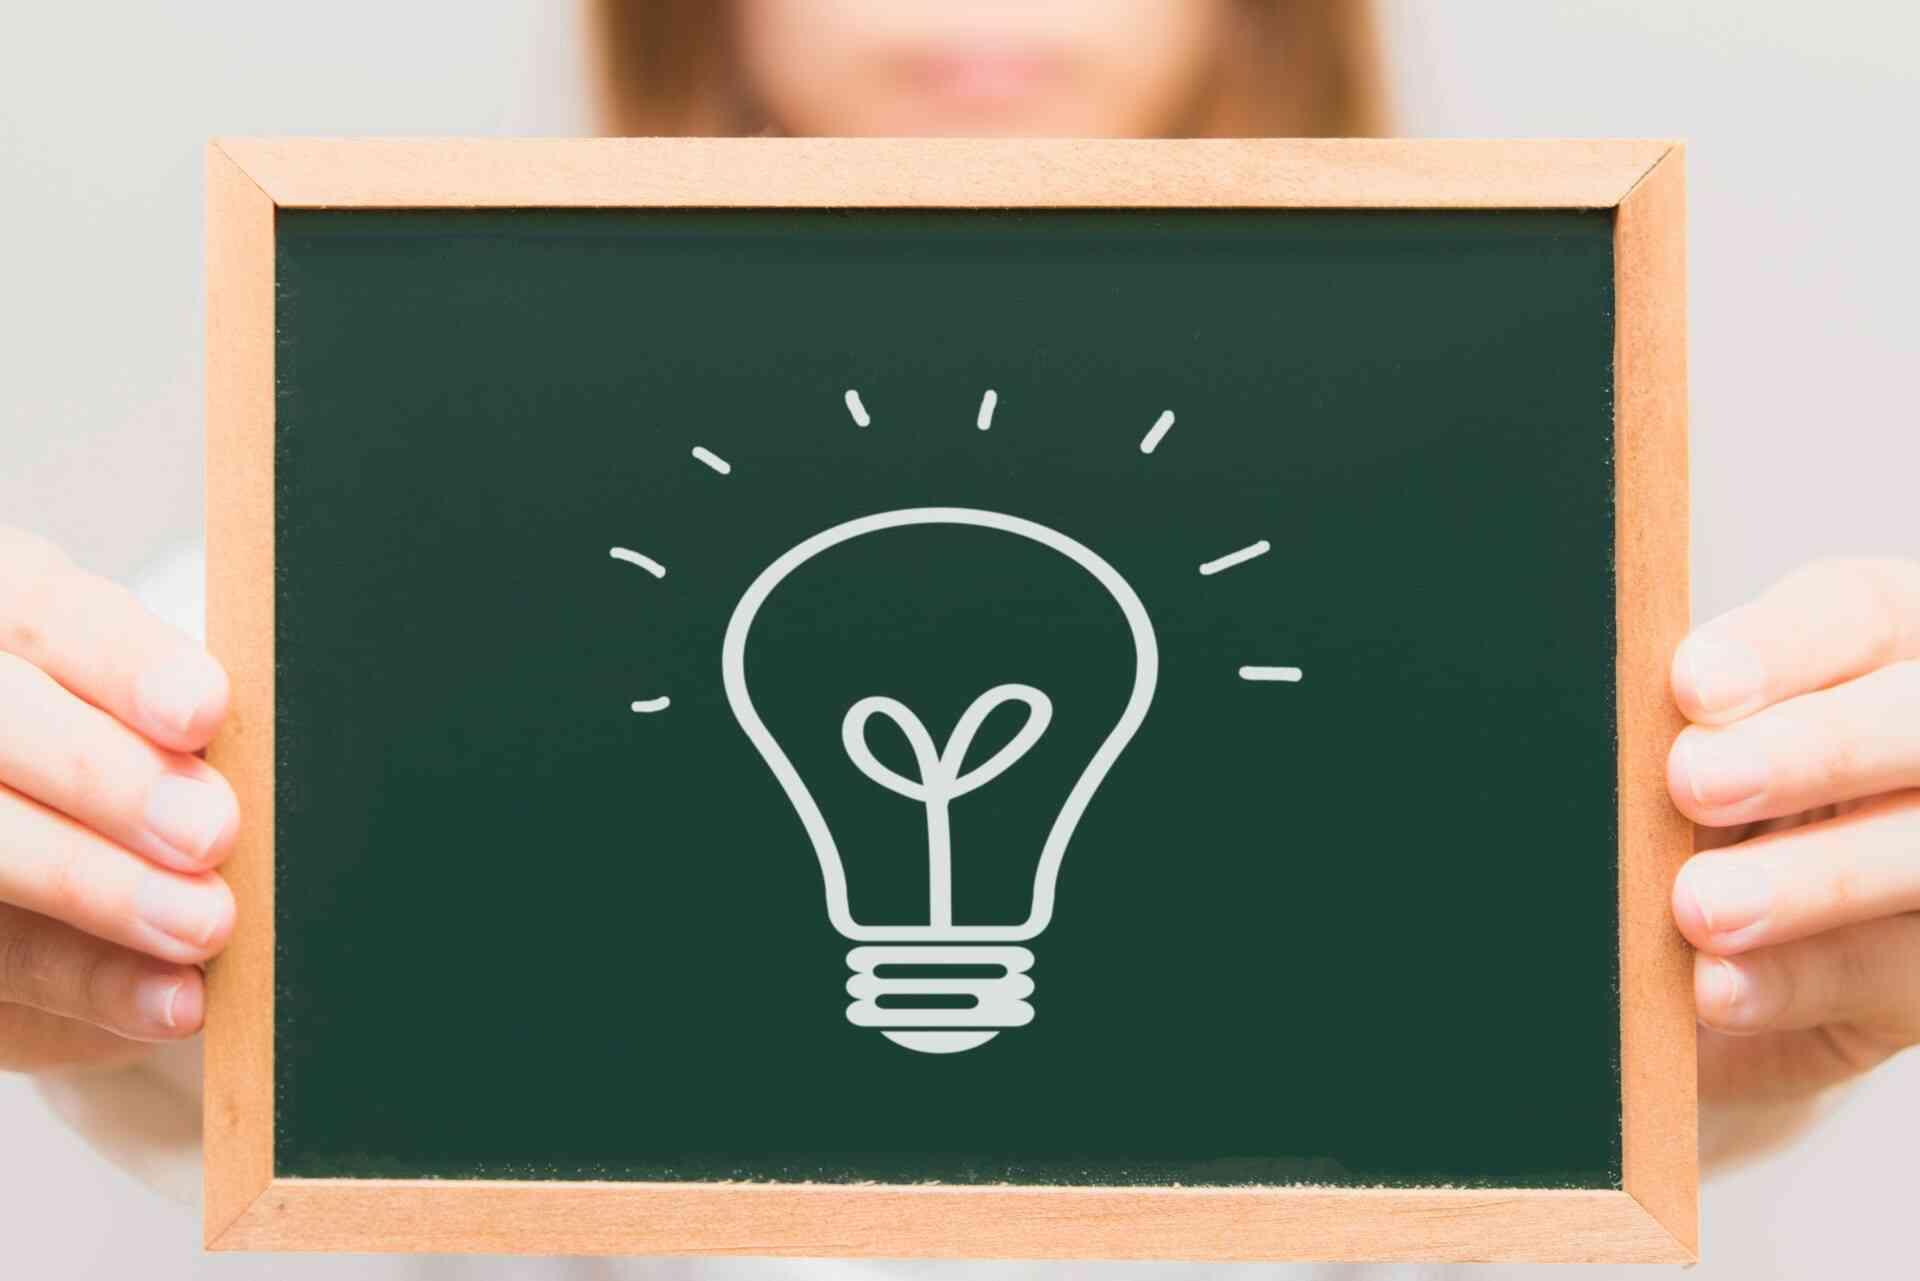 企業選びの軸を面接で答える際の注意点